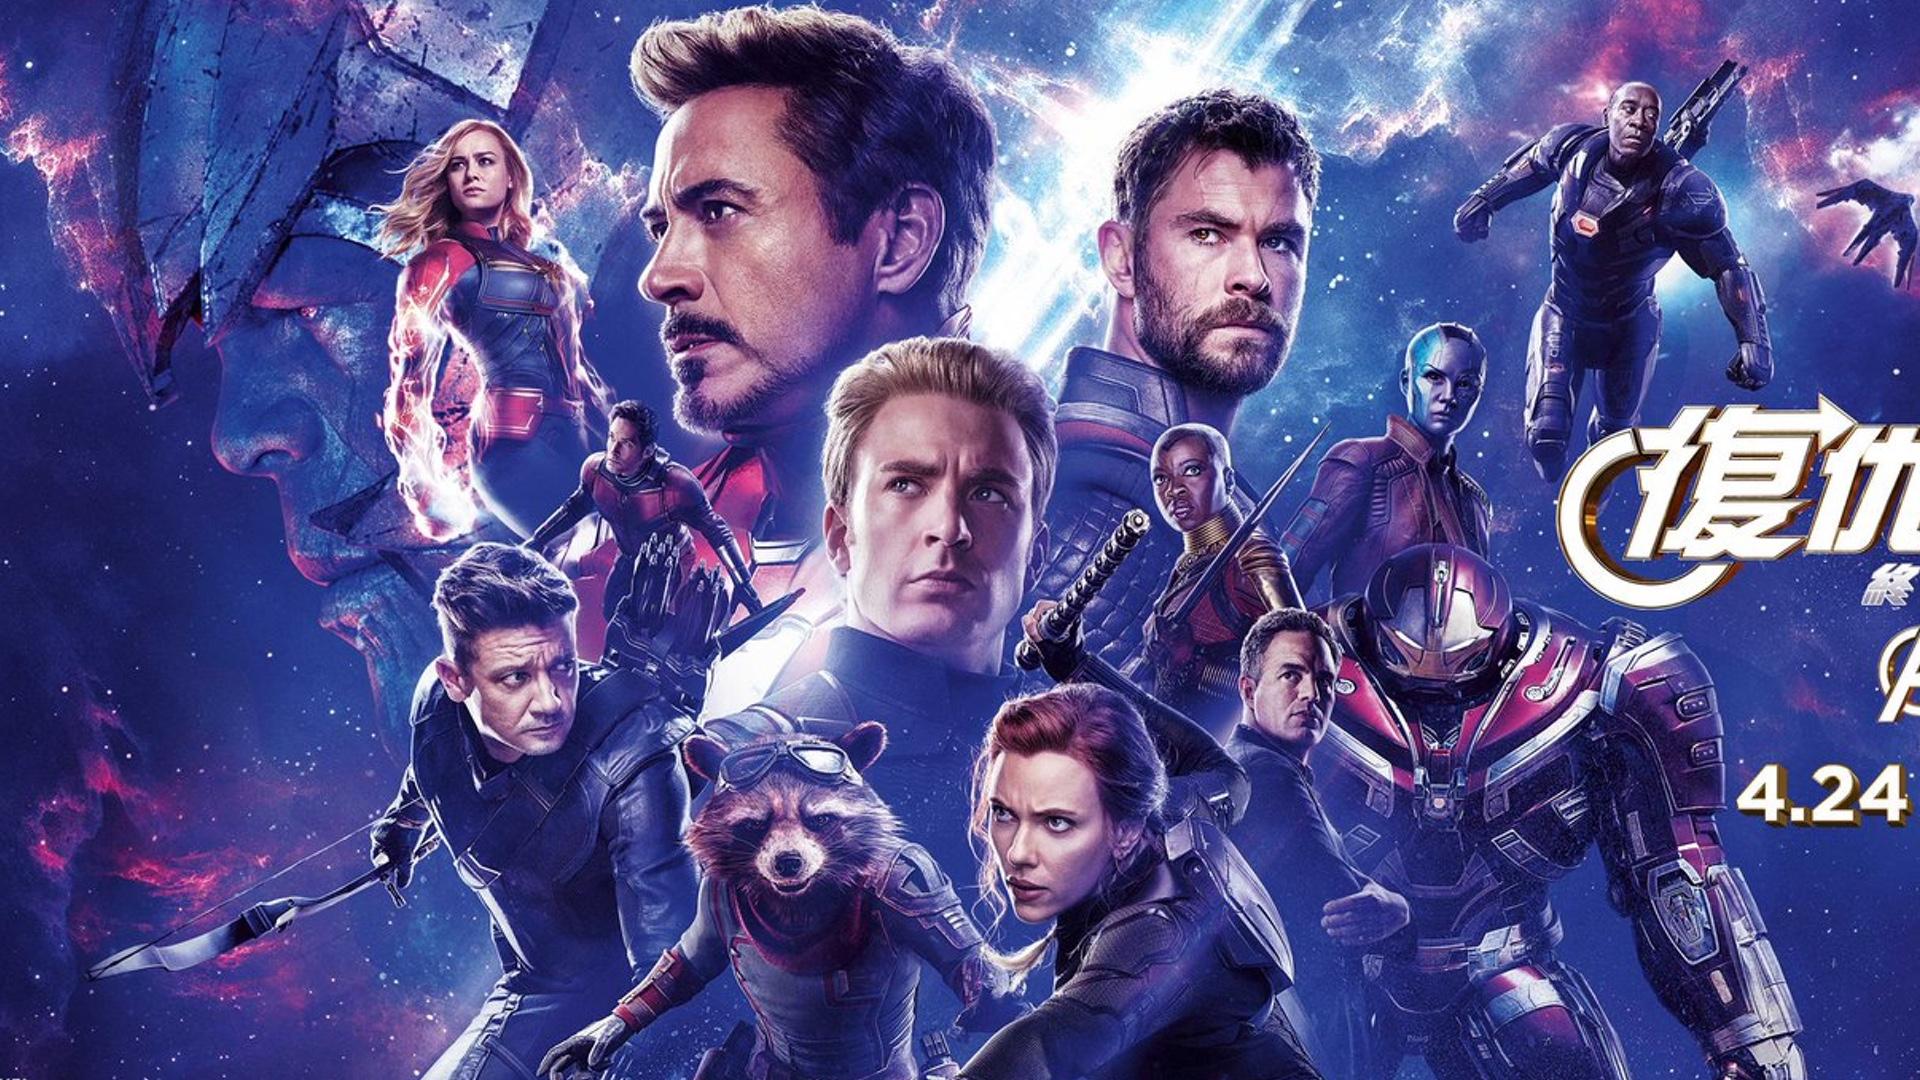 Avengers End Game Poster Chinese Marvel  EndGame Movie Art Film Print Wallpaper